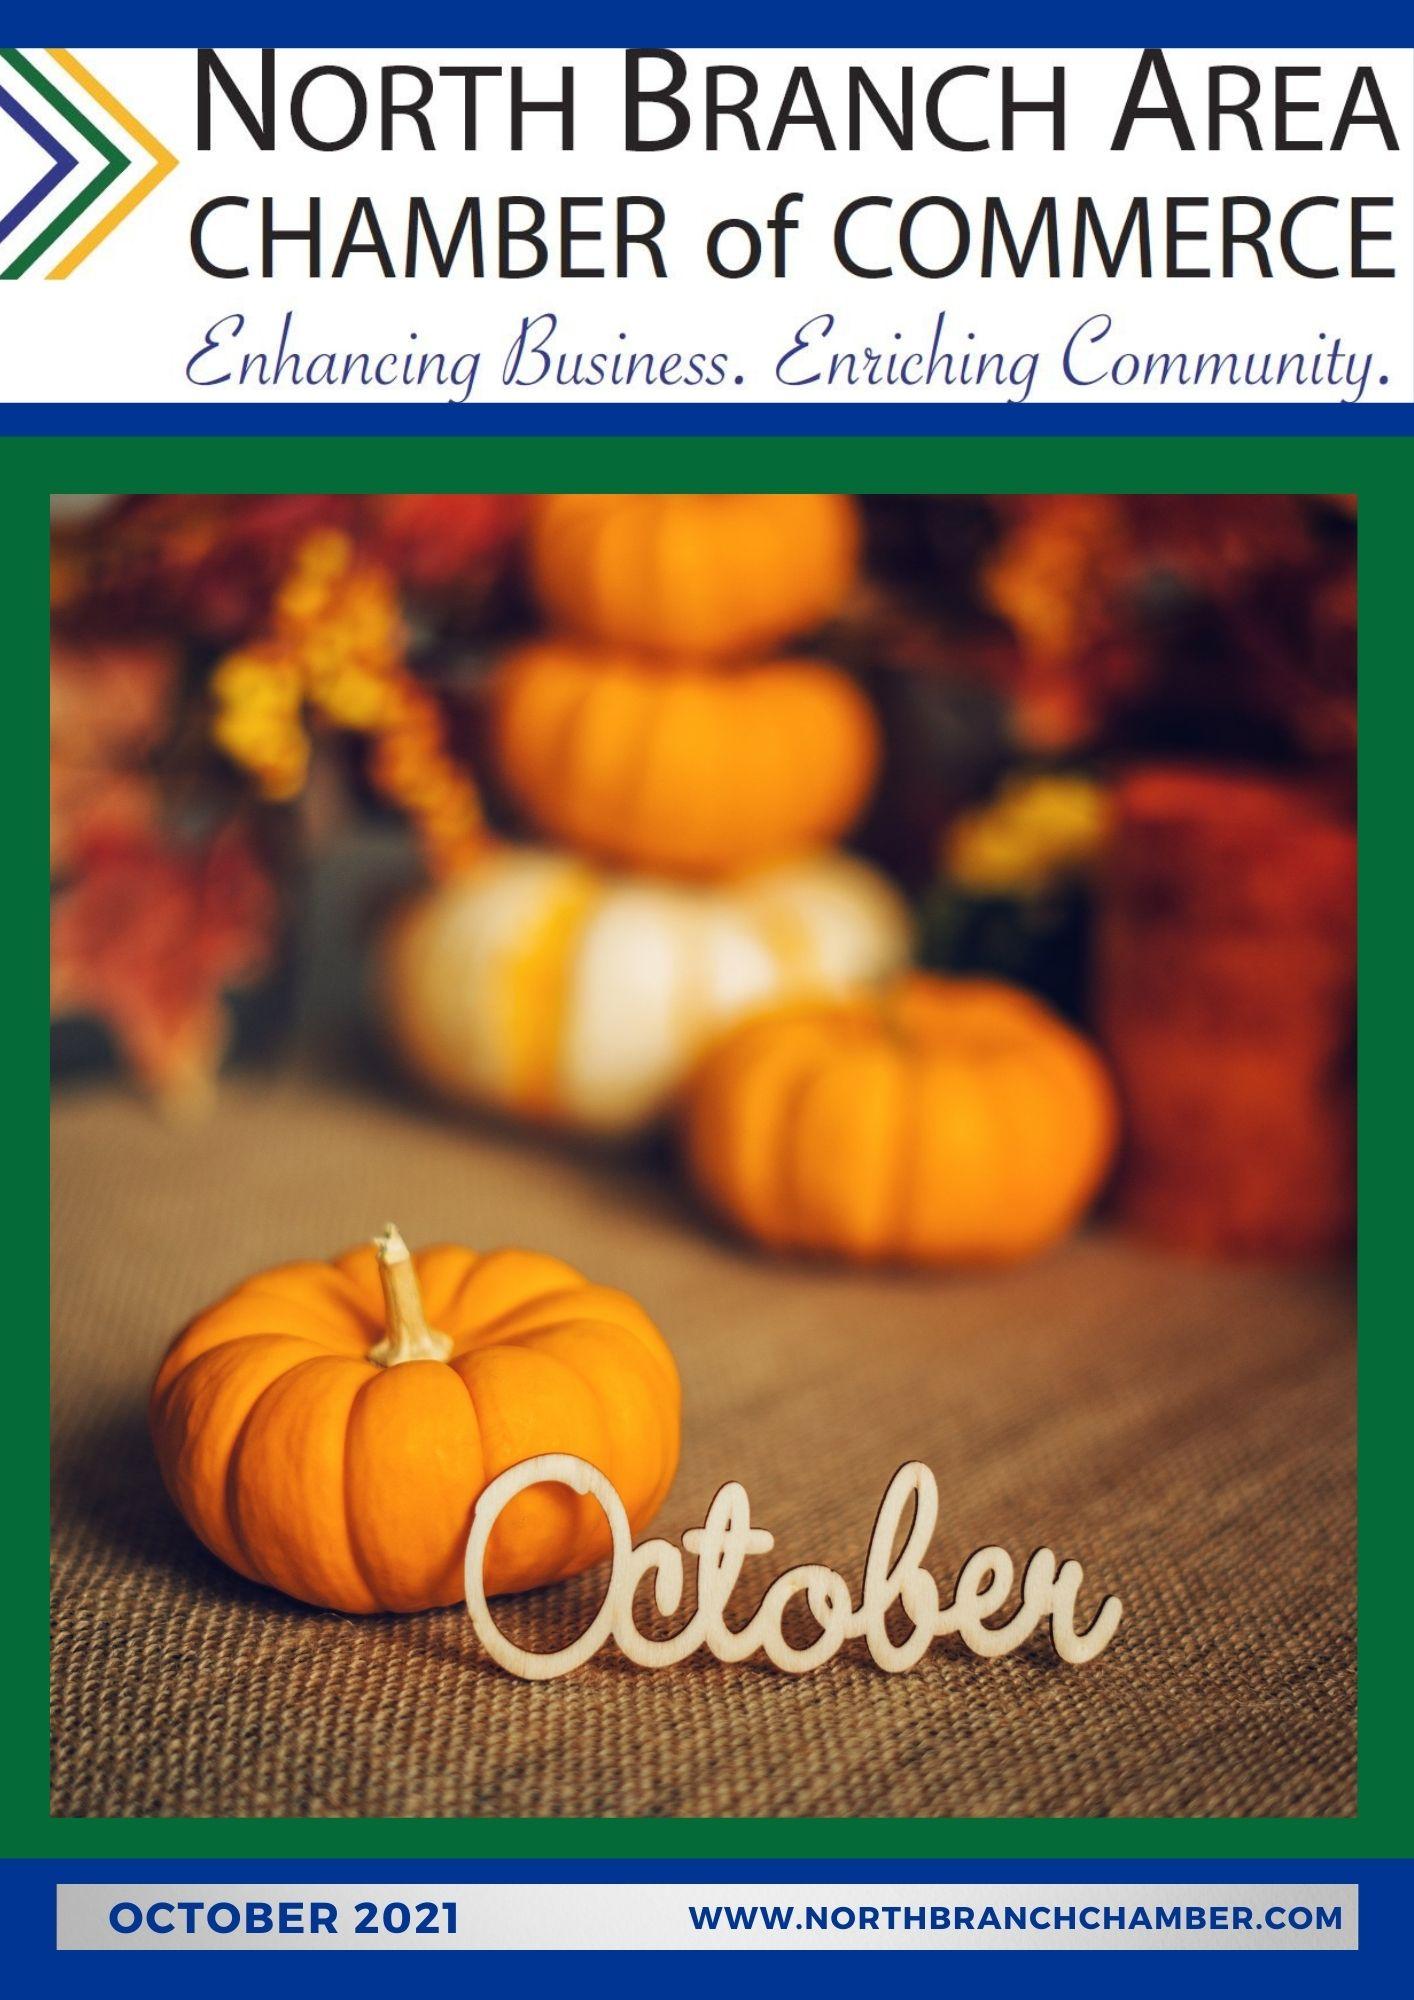 October Newsletter Cover JPEG